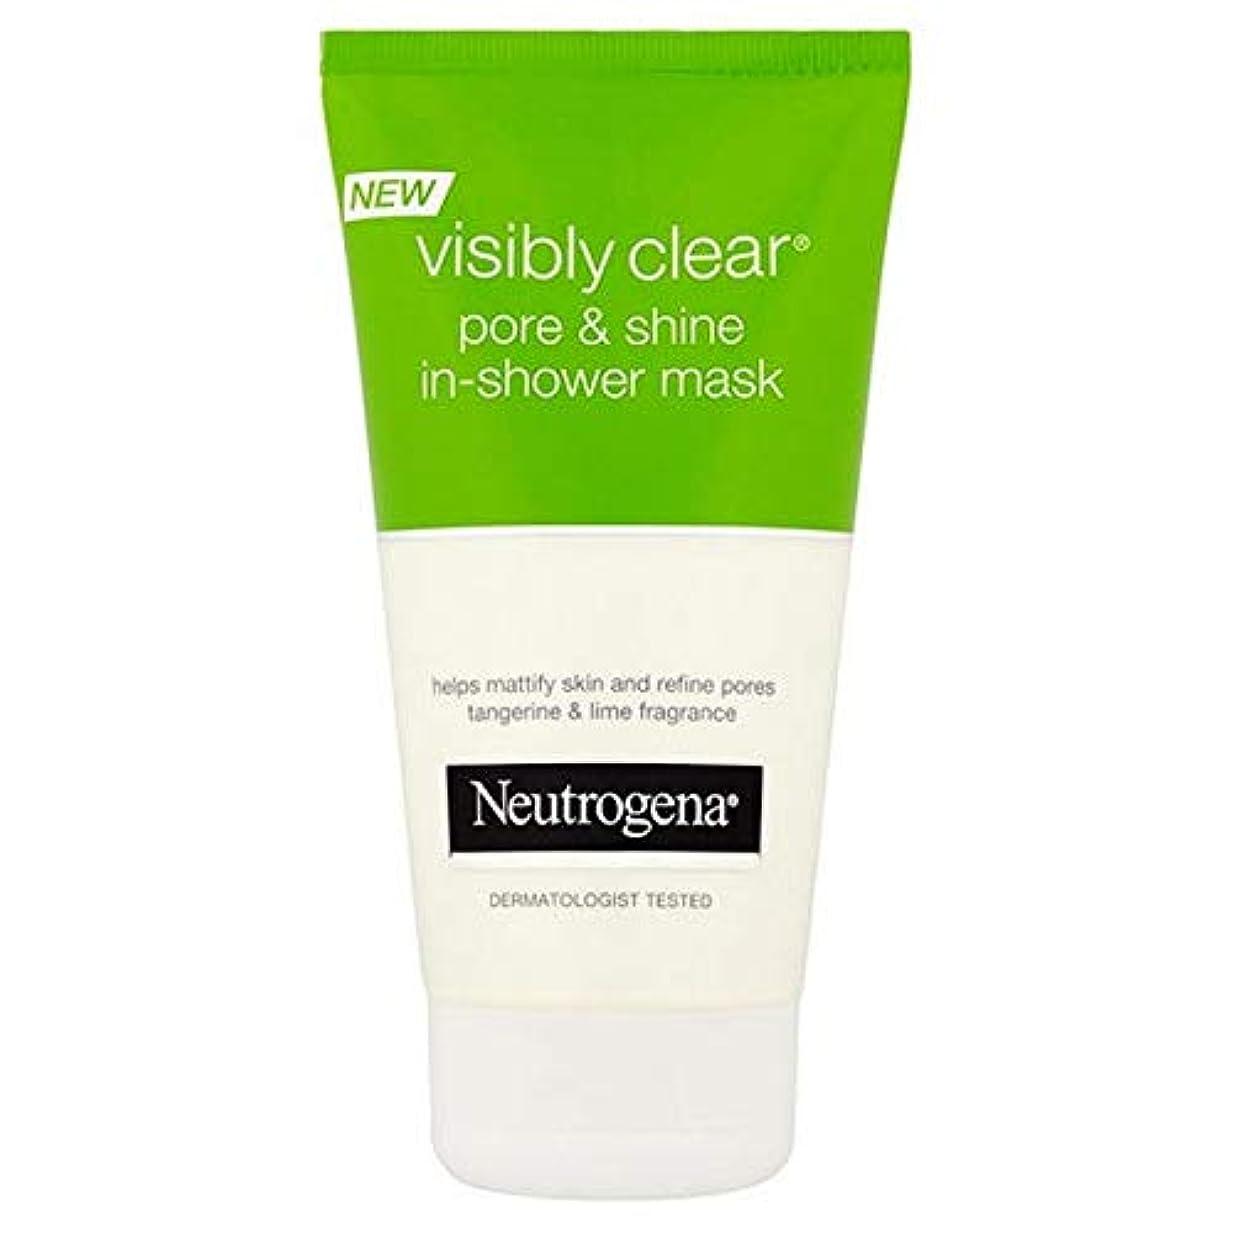 オーブン交じる投げ捨てる[Neutrogena] シャワーマスク150ミリリットルでニュートロジーナ目に見えて明らかポア&輝き - Neutrogena Visibly Clear Pore & Shine In Shower Mask 150ml [並行輸入品]